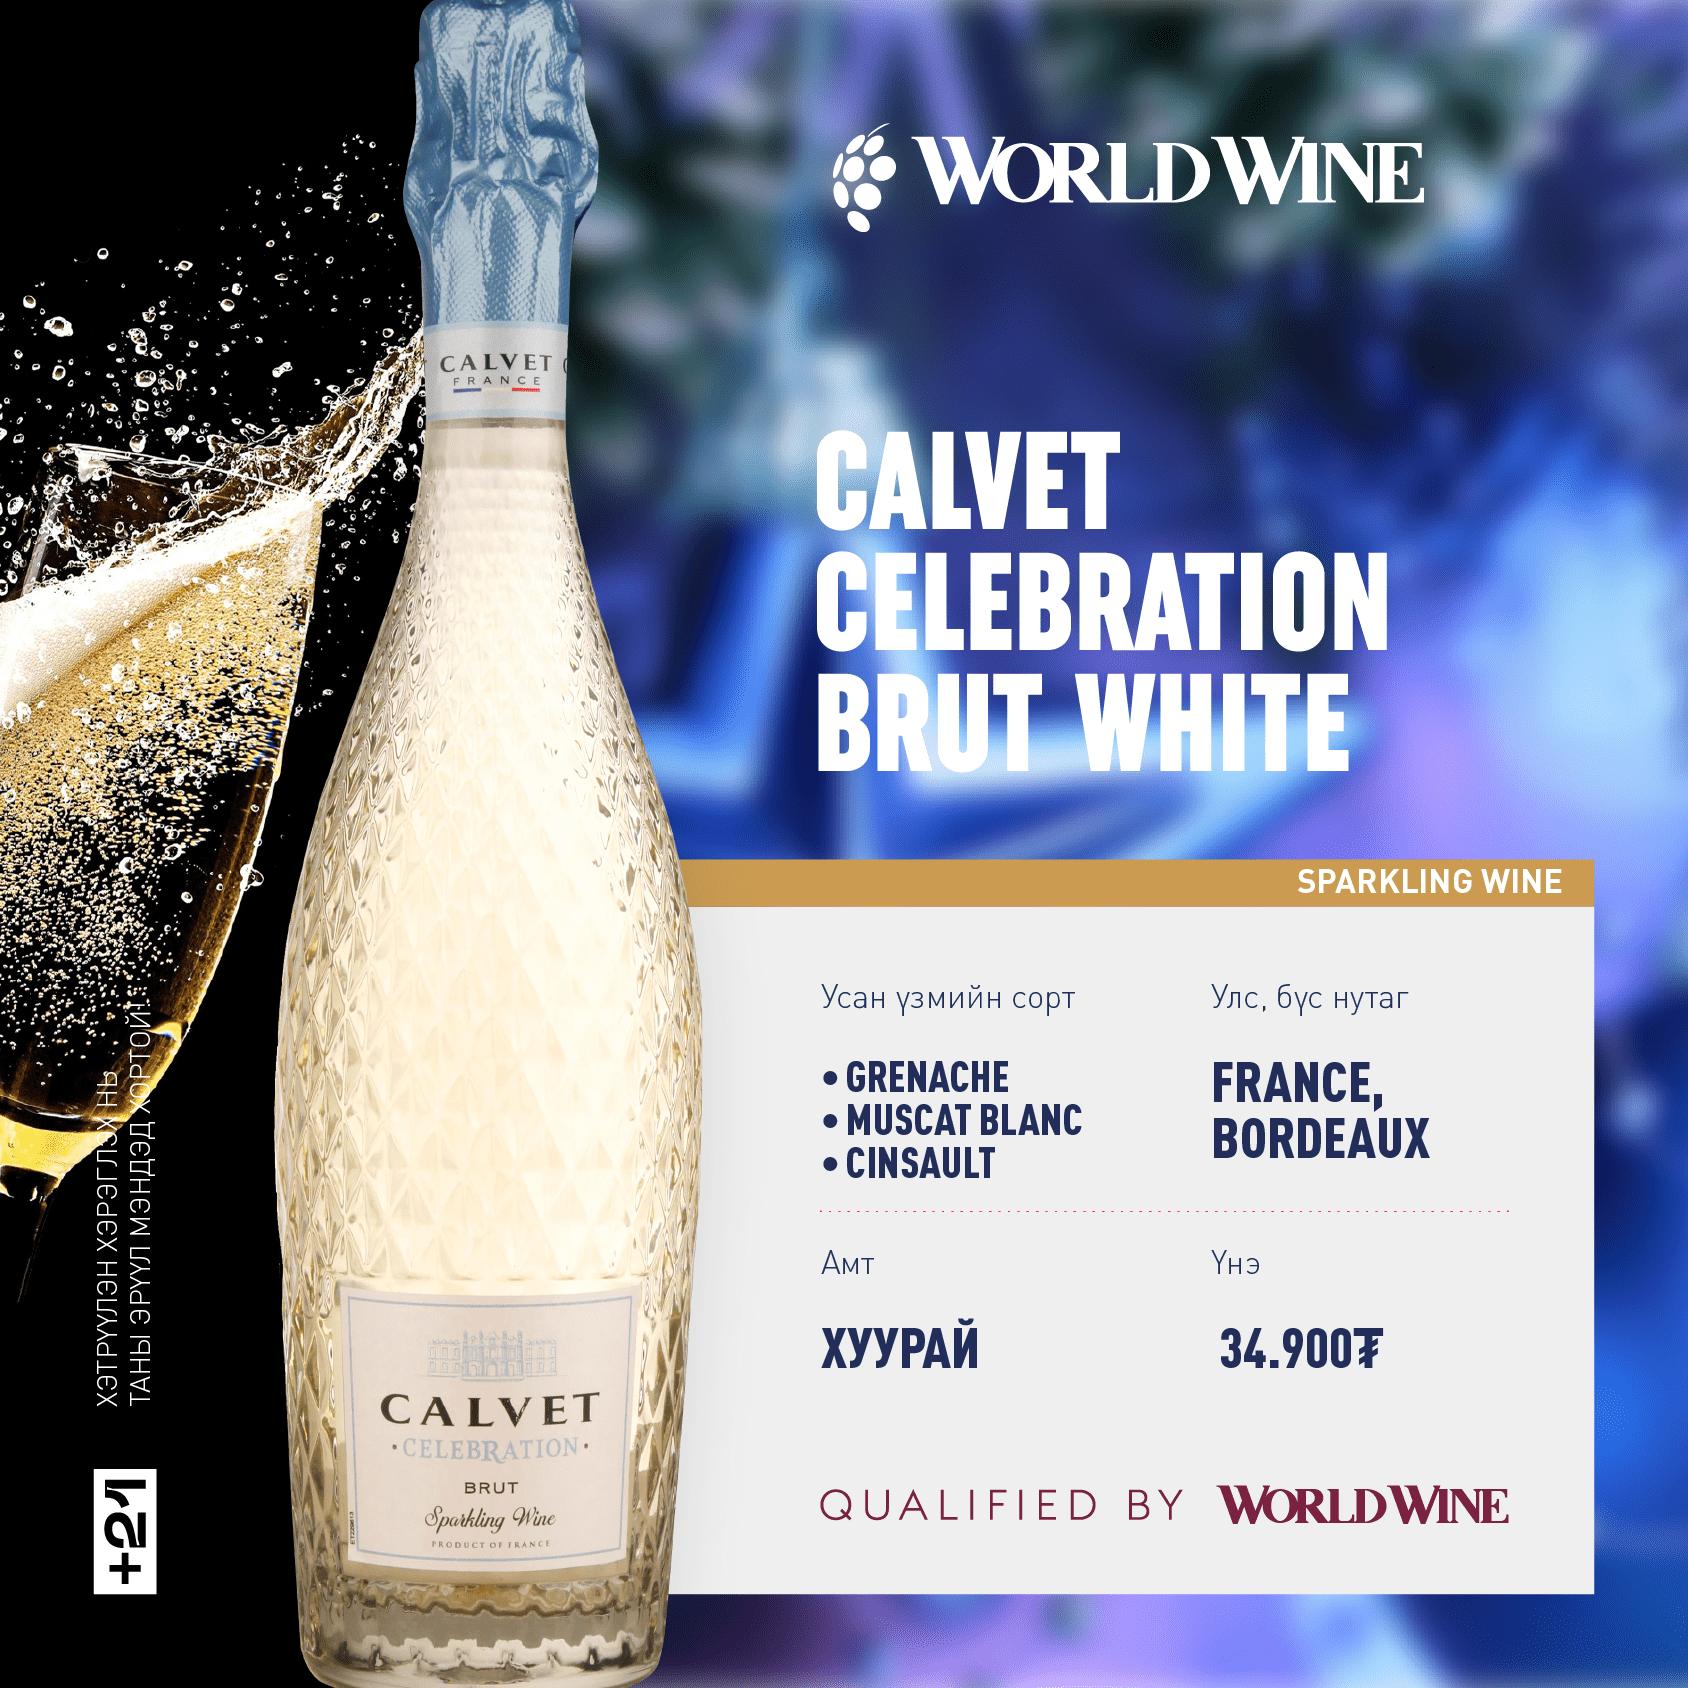 calvet celebration brut white